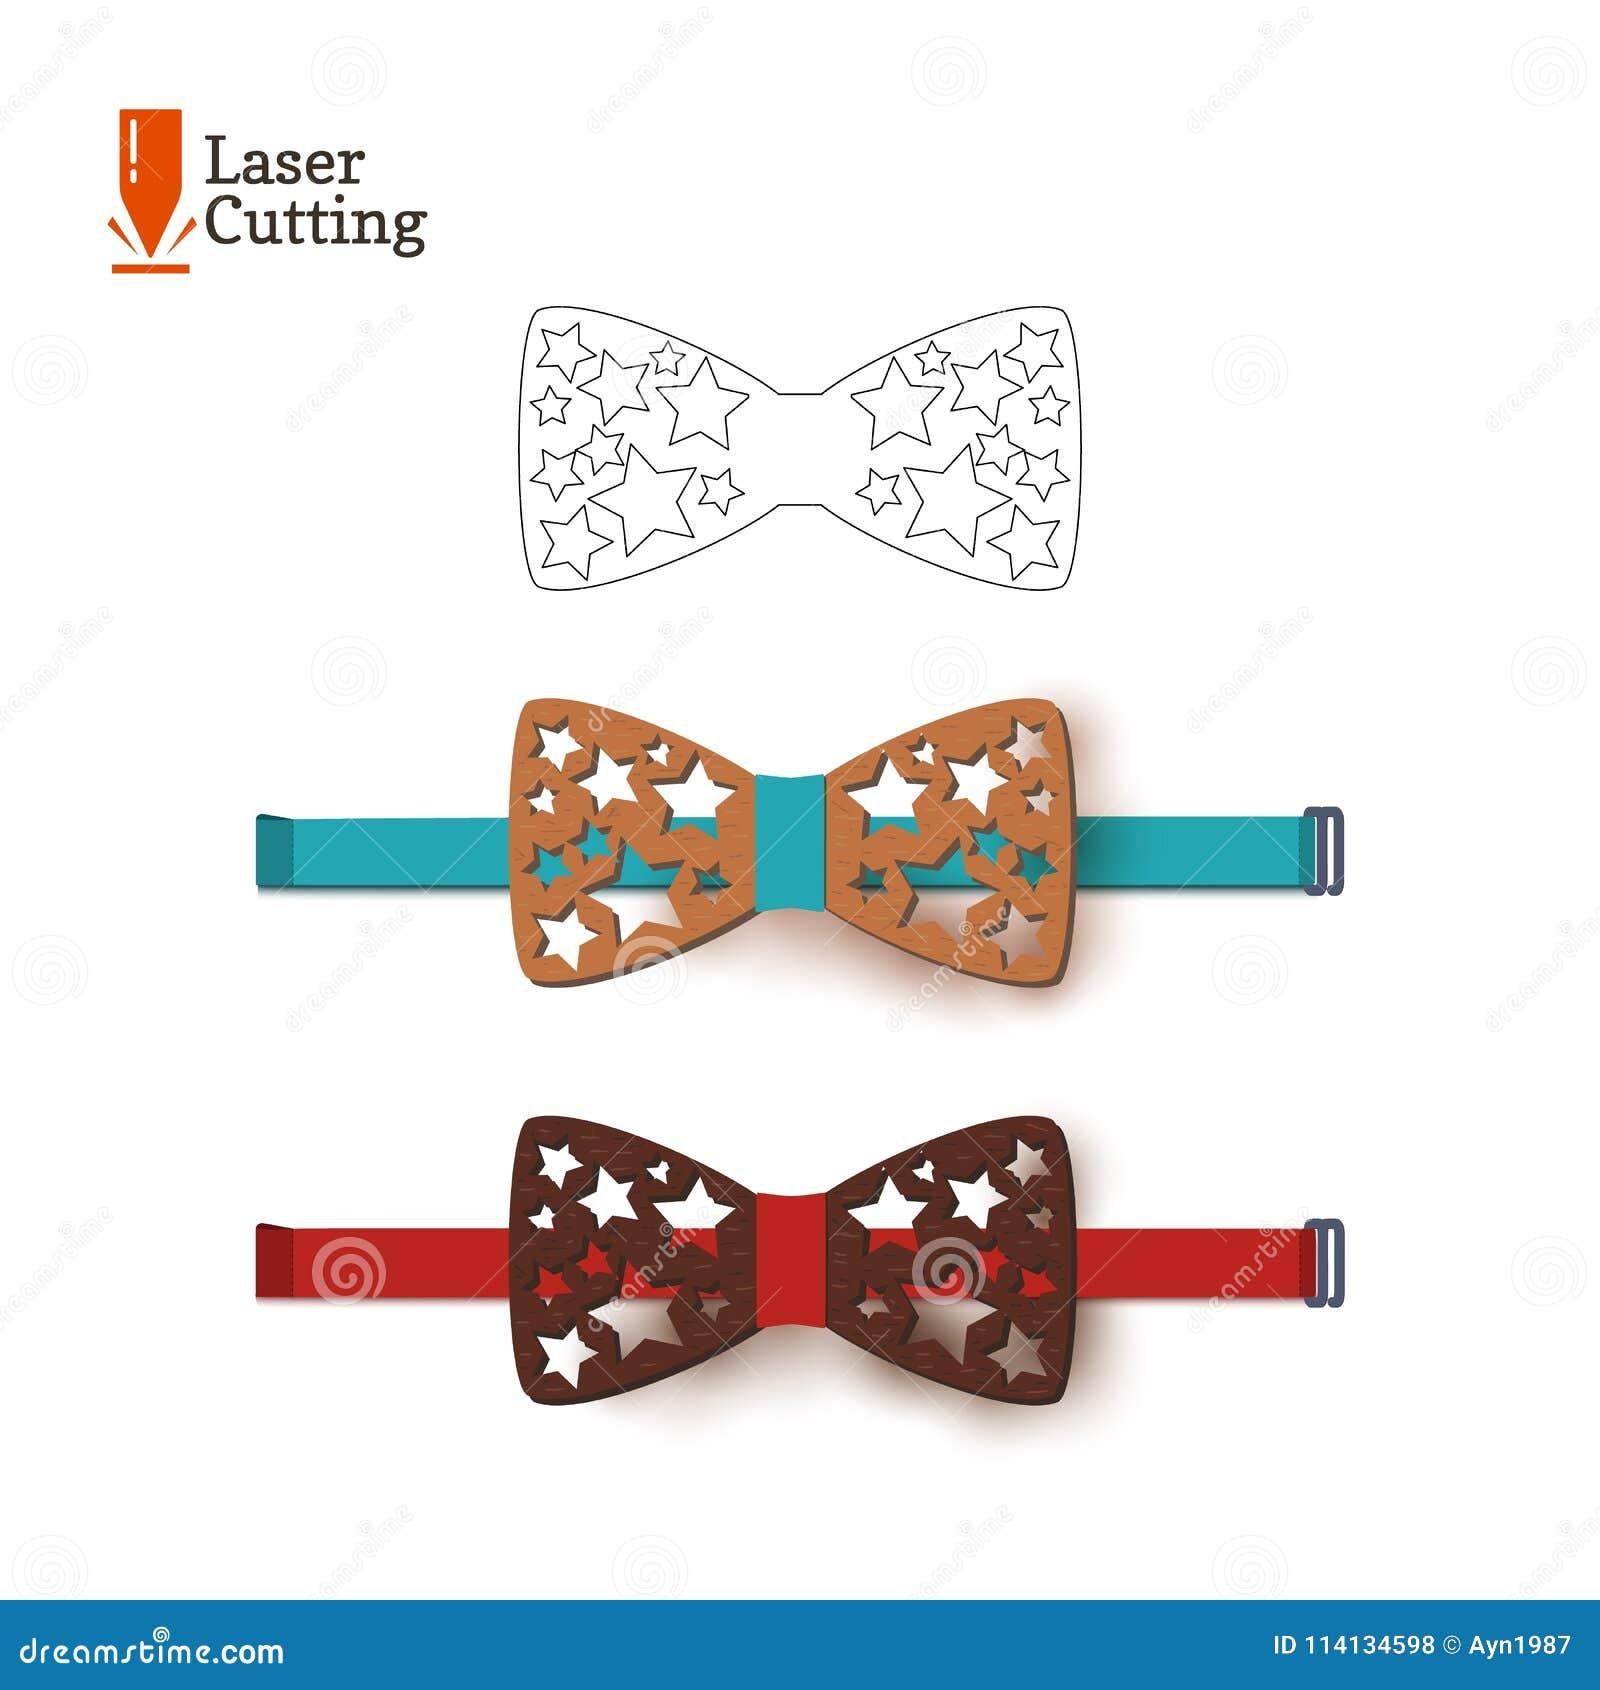 Calibre de noeud papillon de coupe de laser Dirigez la silhouette pour couper un noeud papillon avec des étoiles sur un tour fait